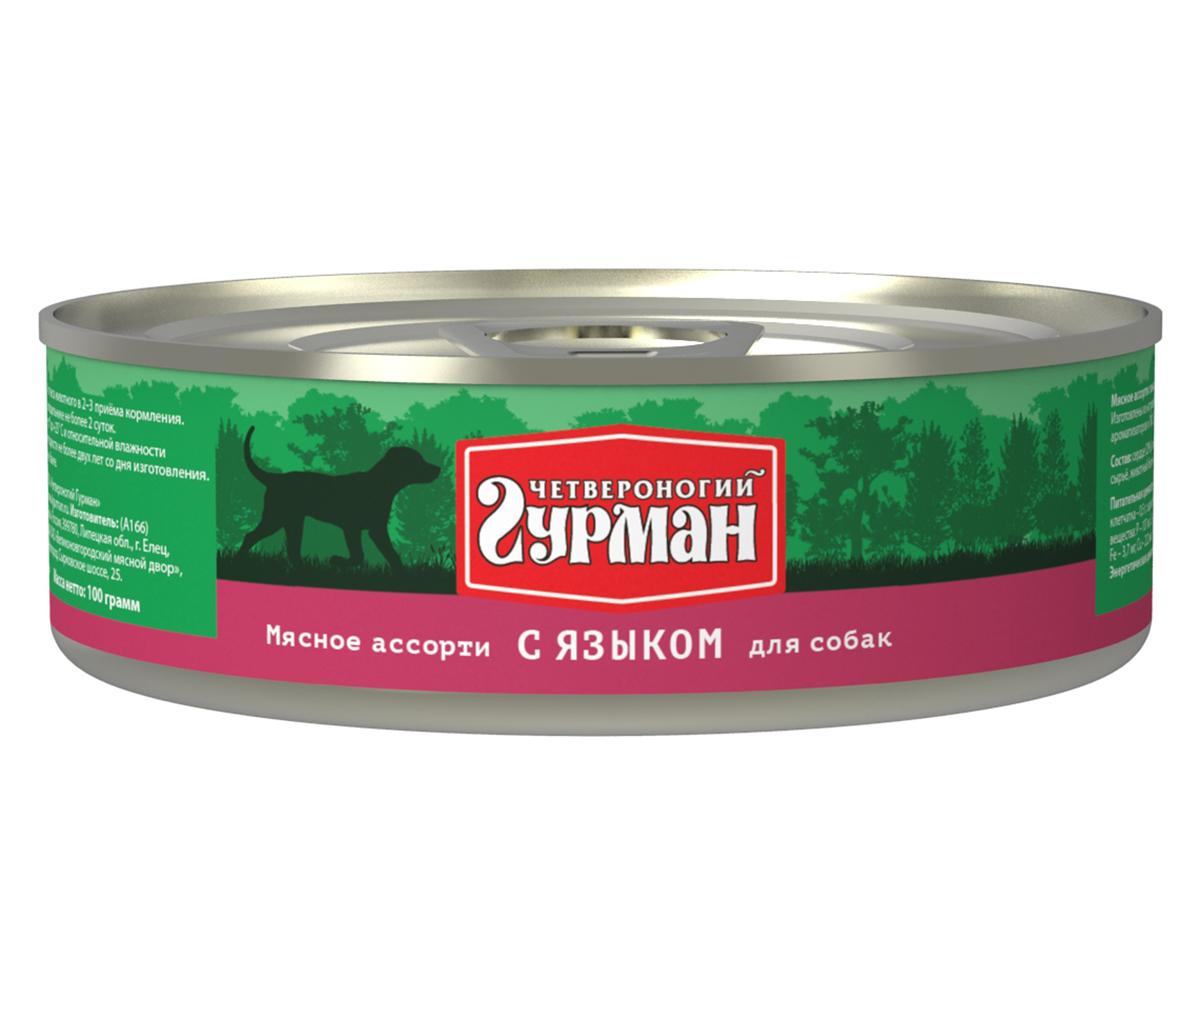 Консервы для собак Четвероногий гурман Мясное ассорти, с языком, 100 г. 10310101224Консервы для собак Четвероногий гурман Мясное ассорти - это влажный мясной корм суперпремиум класса, состоящий из разных сортов мяса и качественных субпродуктов. Корм не содержит синтетических витаминно-минеральных комплексов, злаков, бобовых и овощей. Никаких искусственных компонентов в составе: только натуральное, экологически чистое мясо от проверенных поставщиков. По консистенции продукт представляет собой кусочки из фарша размером 3-15 мм. В состав входит коллаген. Его компоненты (хондроитин и глюкозамин) положительно воздействуют на суставы питомца. Состав: сердце (28%), язык (6%), рубец, легкое, печень, коллагенсодержащее сырье, животный белок, масло растительное, вода. Пищевая ценность (в 100 г продукта): протеин 11,5 г, жир 7,2 г, клетчатка 0,5 г, сырая зола 2 г, влага 80 г. Минеральные вещества: P 107мг, Са 11 мг, Na 160 мг, Cl 212,8 мг, Mg 11,2 мг, Fe 3,7 мг, Cu 222 мкг, I 3,9 мкг. Витамины: А, E, В1, В2, B3, B5, B6. Энергетическая ценность (на 100 г): 112 ккал.Товар сертифицирован.